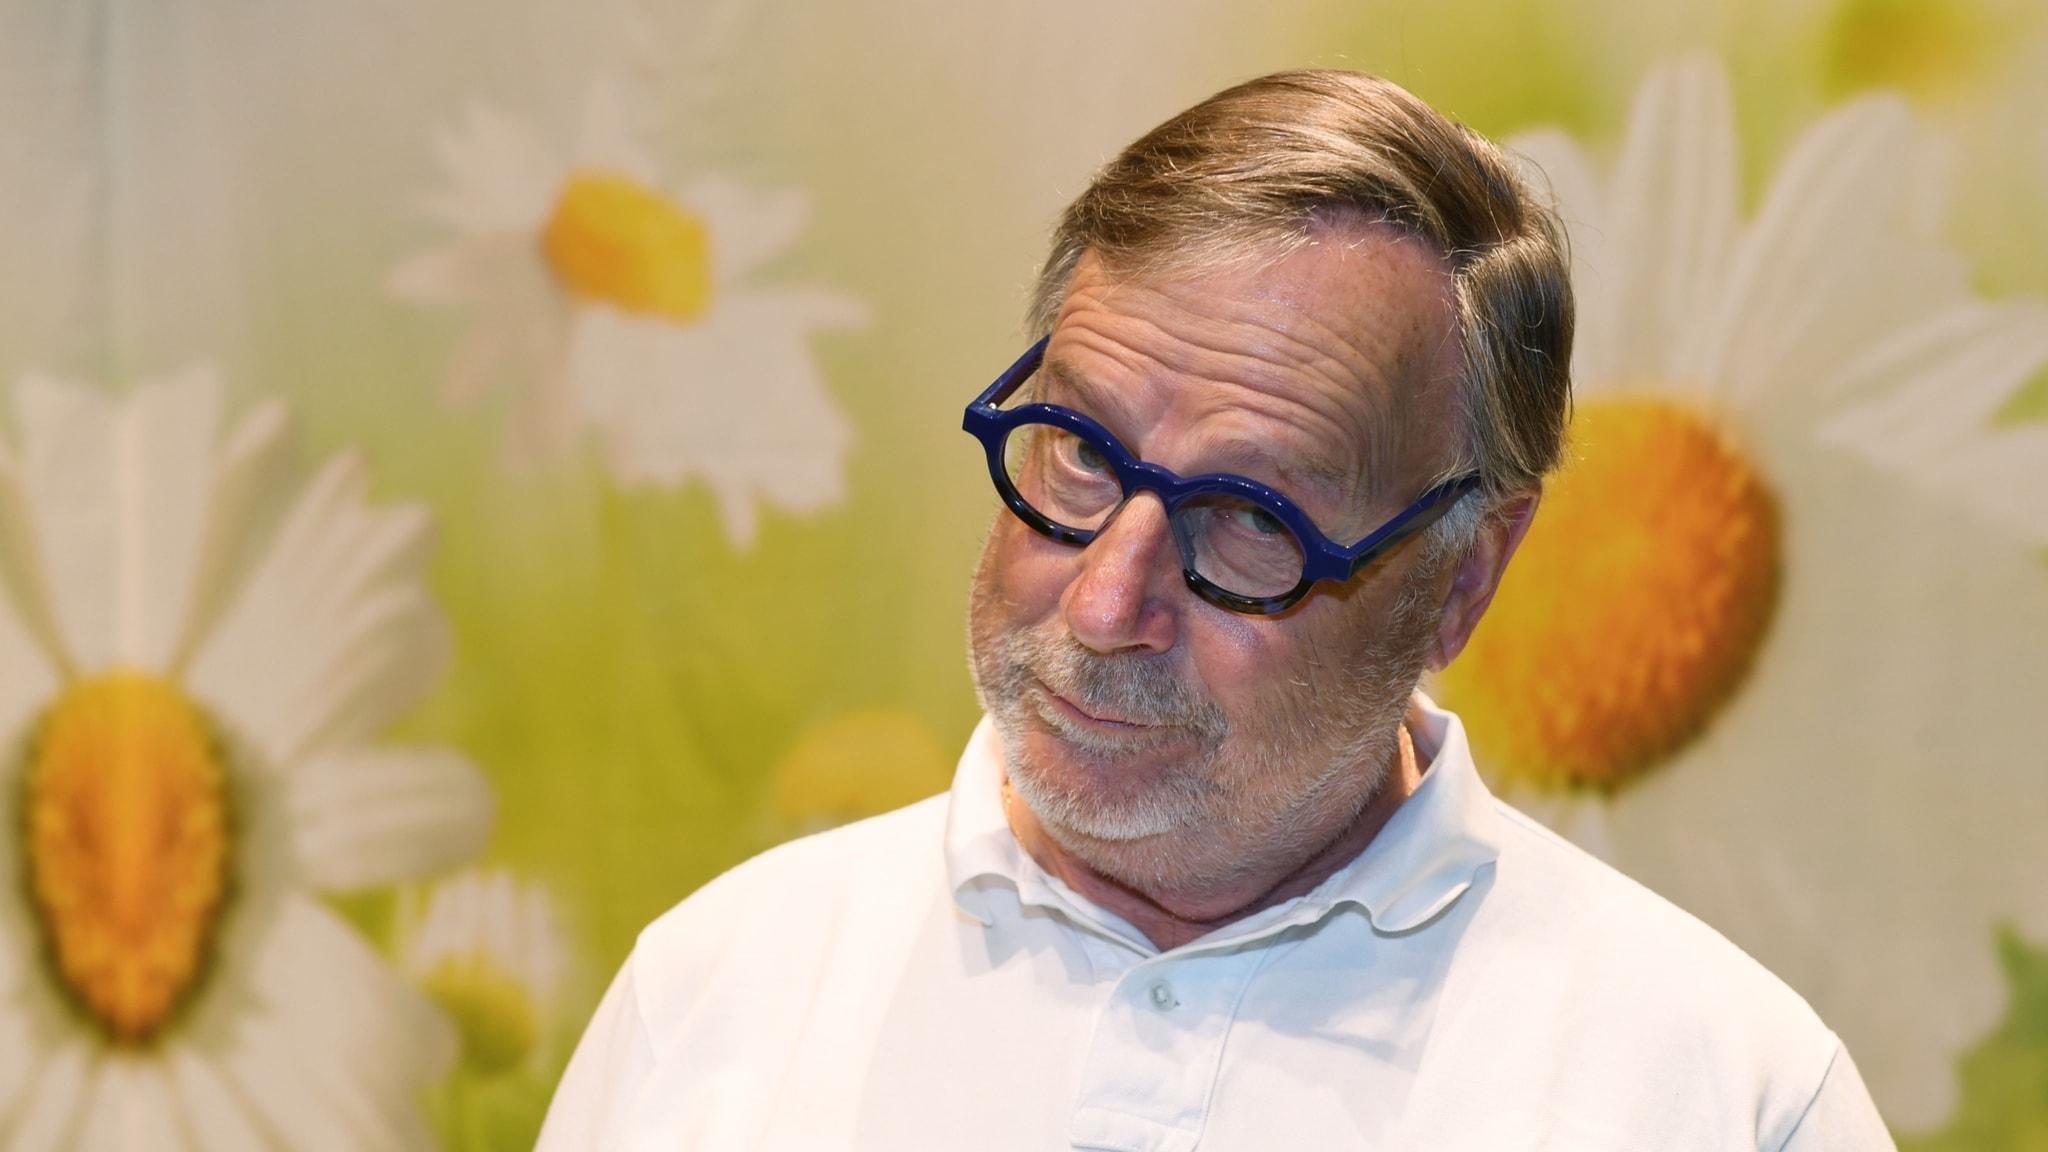 Kalla fakta om TV4:s grävmetoder, dold sponsor bakom ny partiledarutfrågning och första delen av serien Mediebudorden